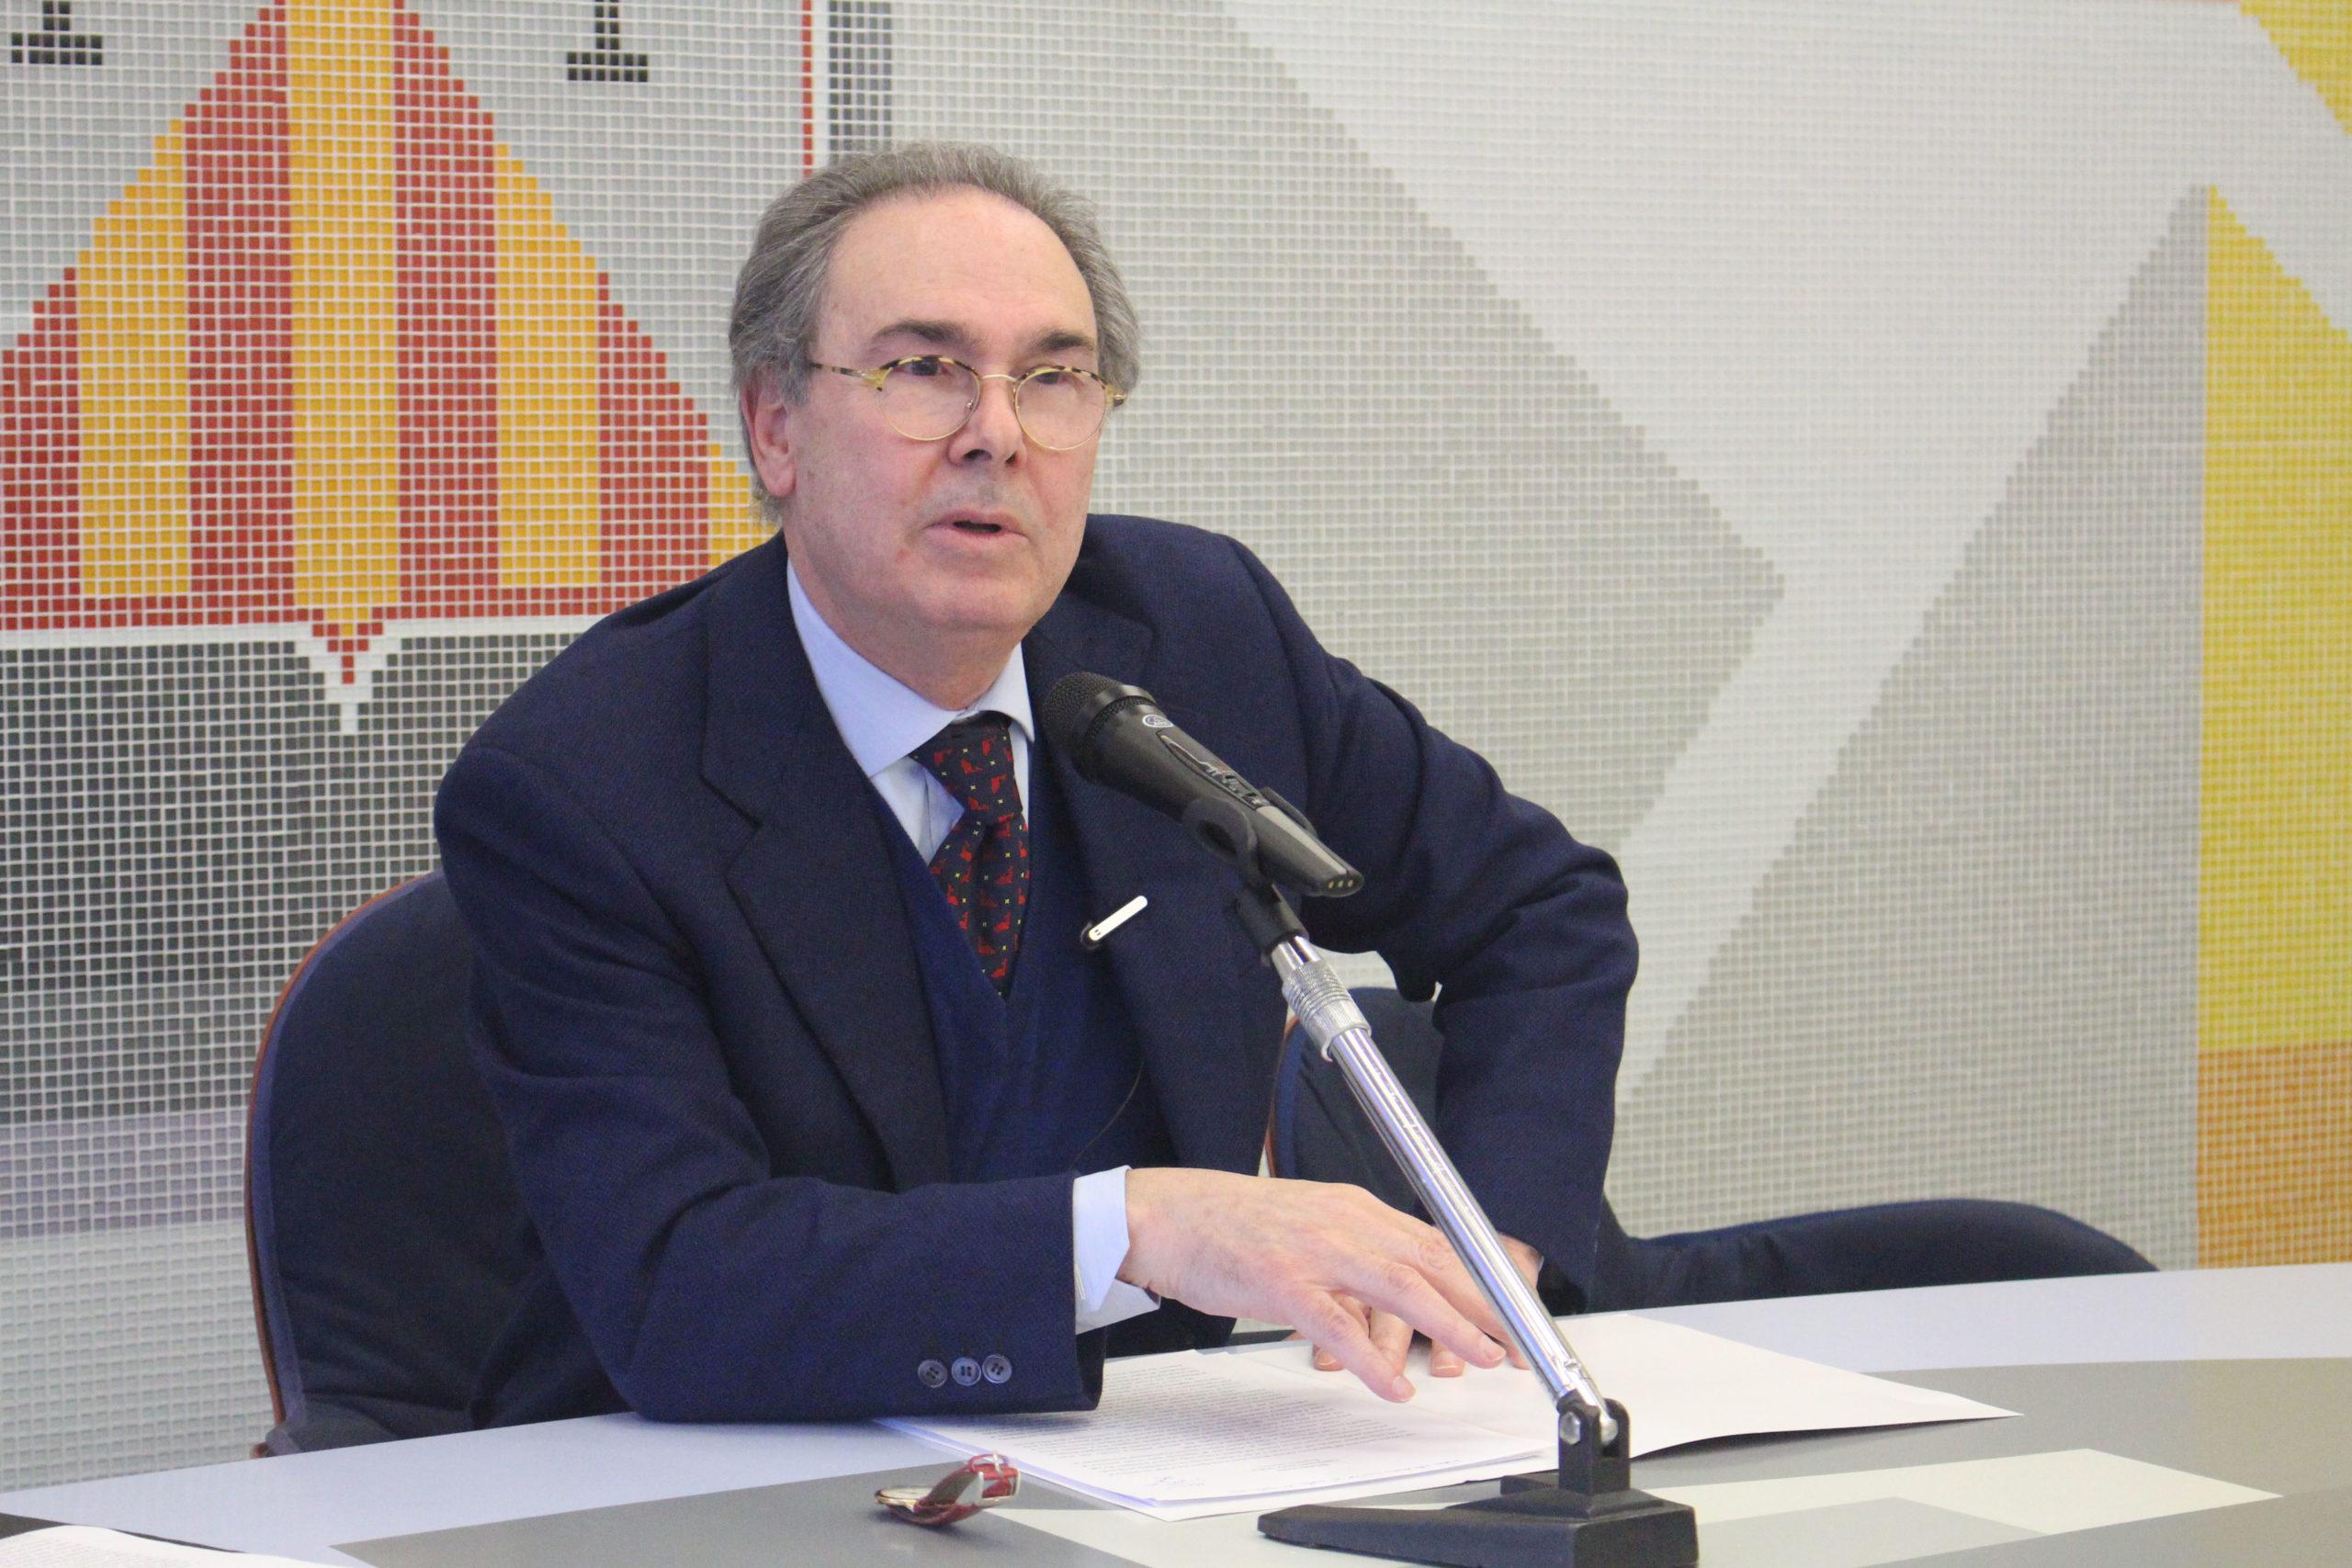 """Intervista al Prof. Lorenzo Infantino """"Il mercato non è un dogma, è il mezzo per realizzarci e aiutarci ad esplorare l'ignoto"""""""